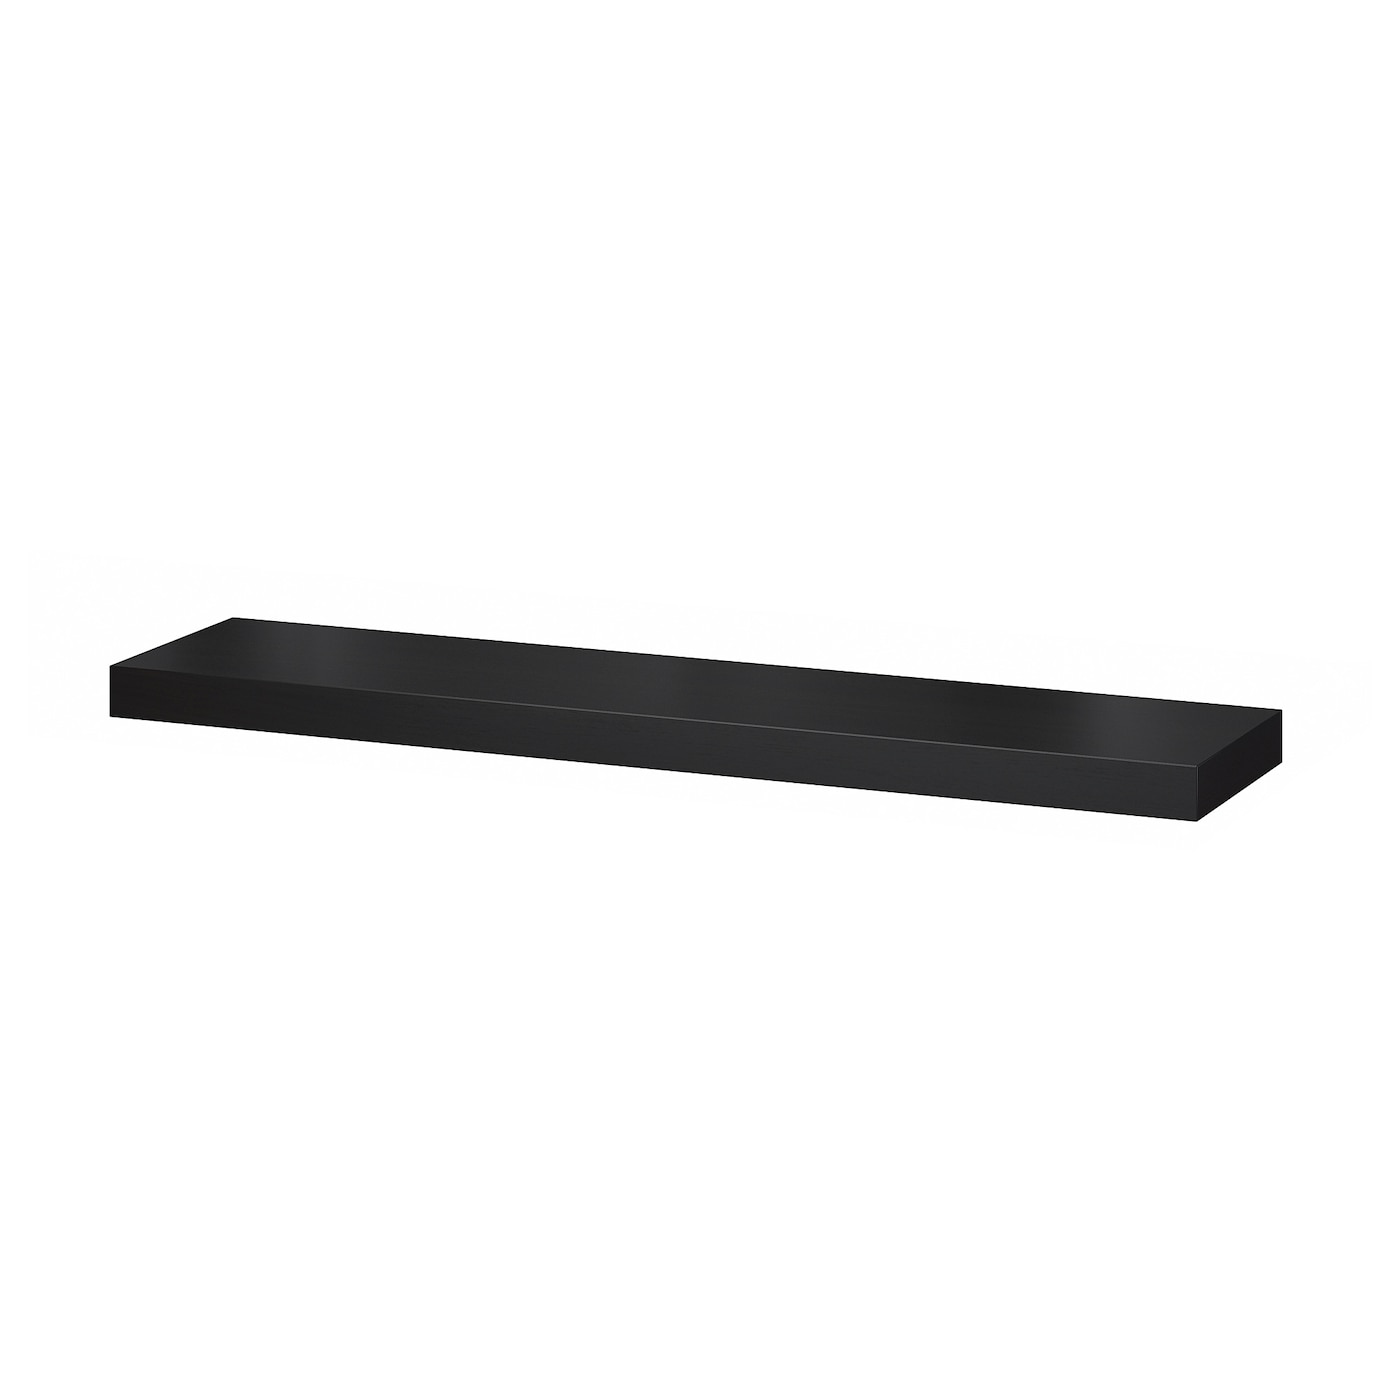 LACK Wandregal ein frei schwebender Klassiker IKEA